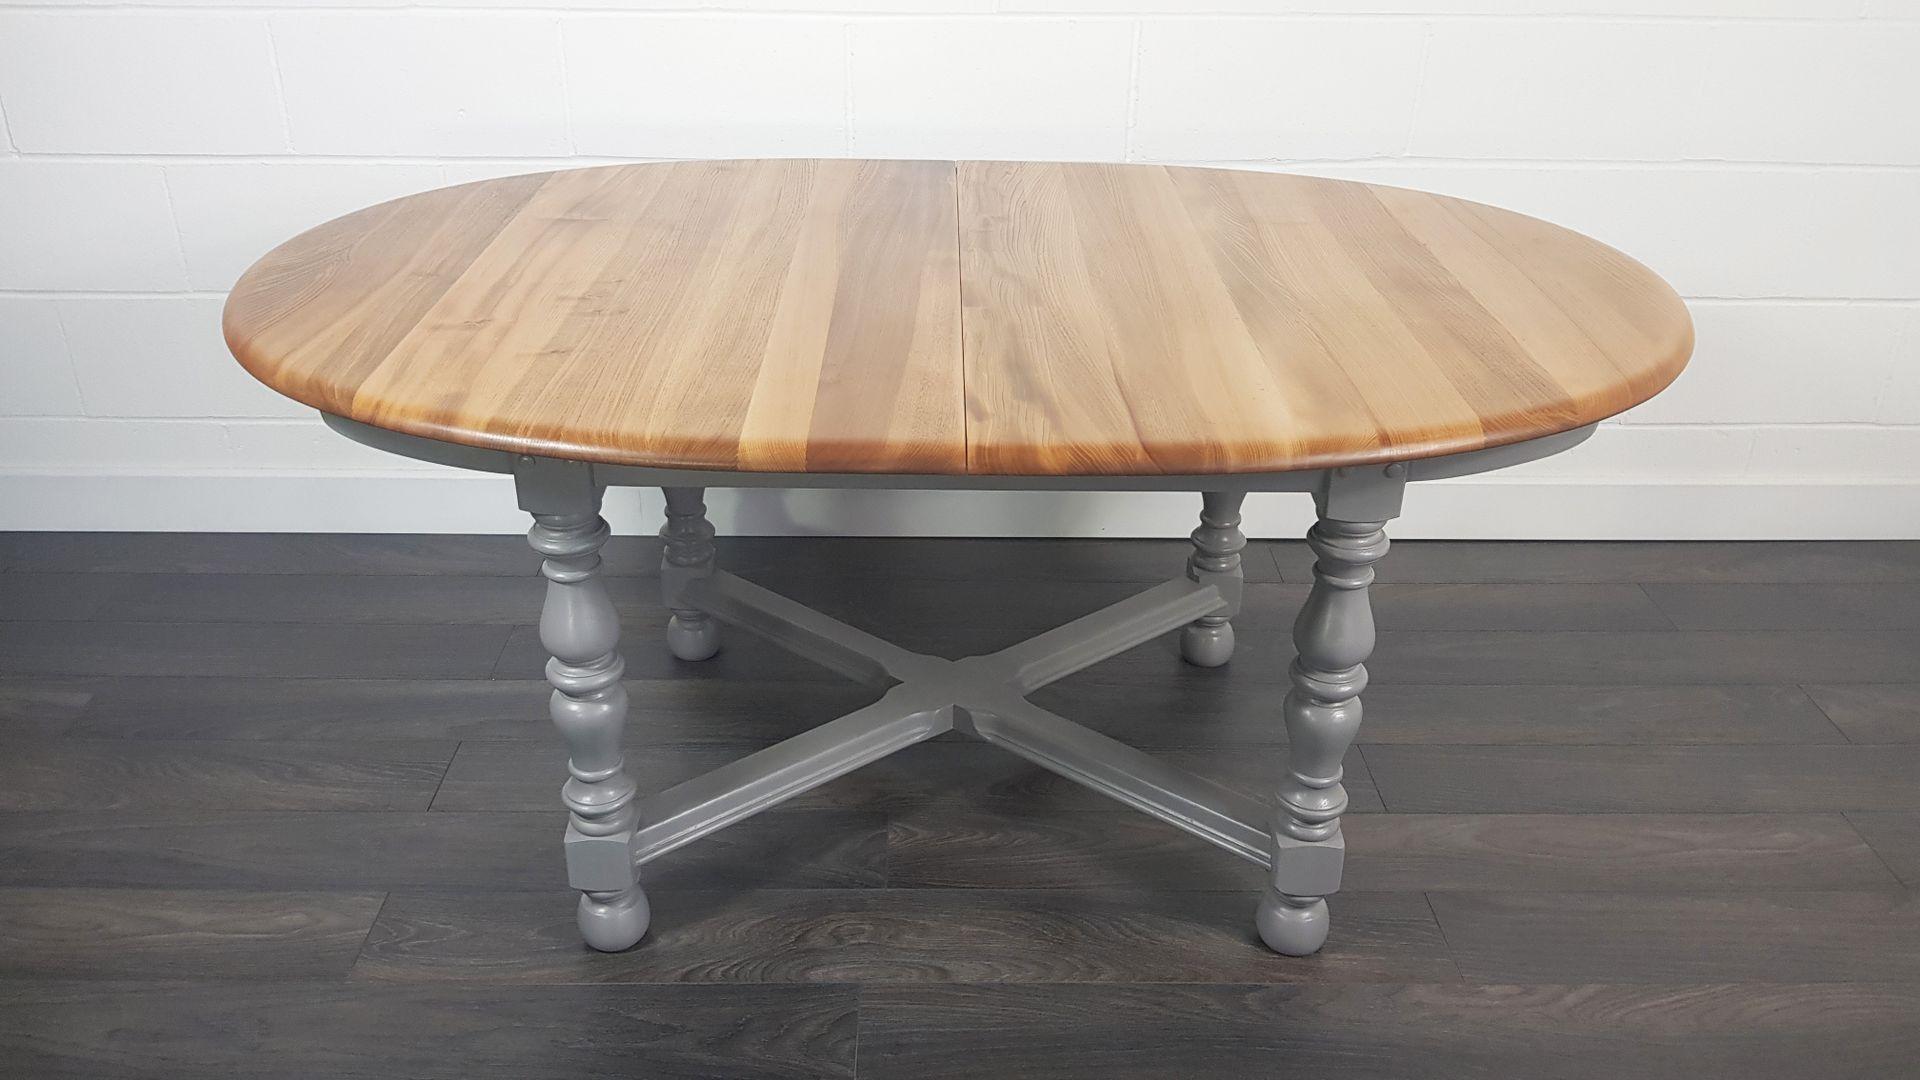 Kleiner Runder Esstisch Zum Ausziehen Tisch Mit 4 Stuhlen